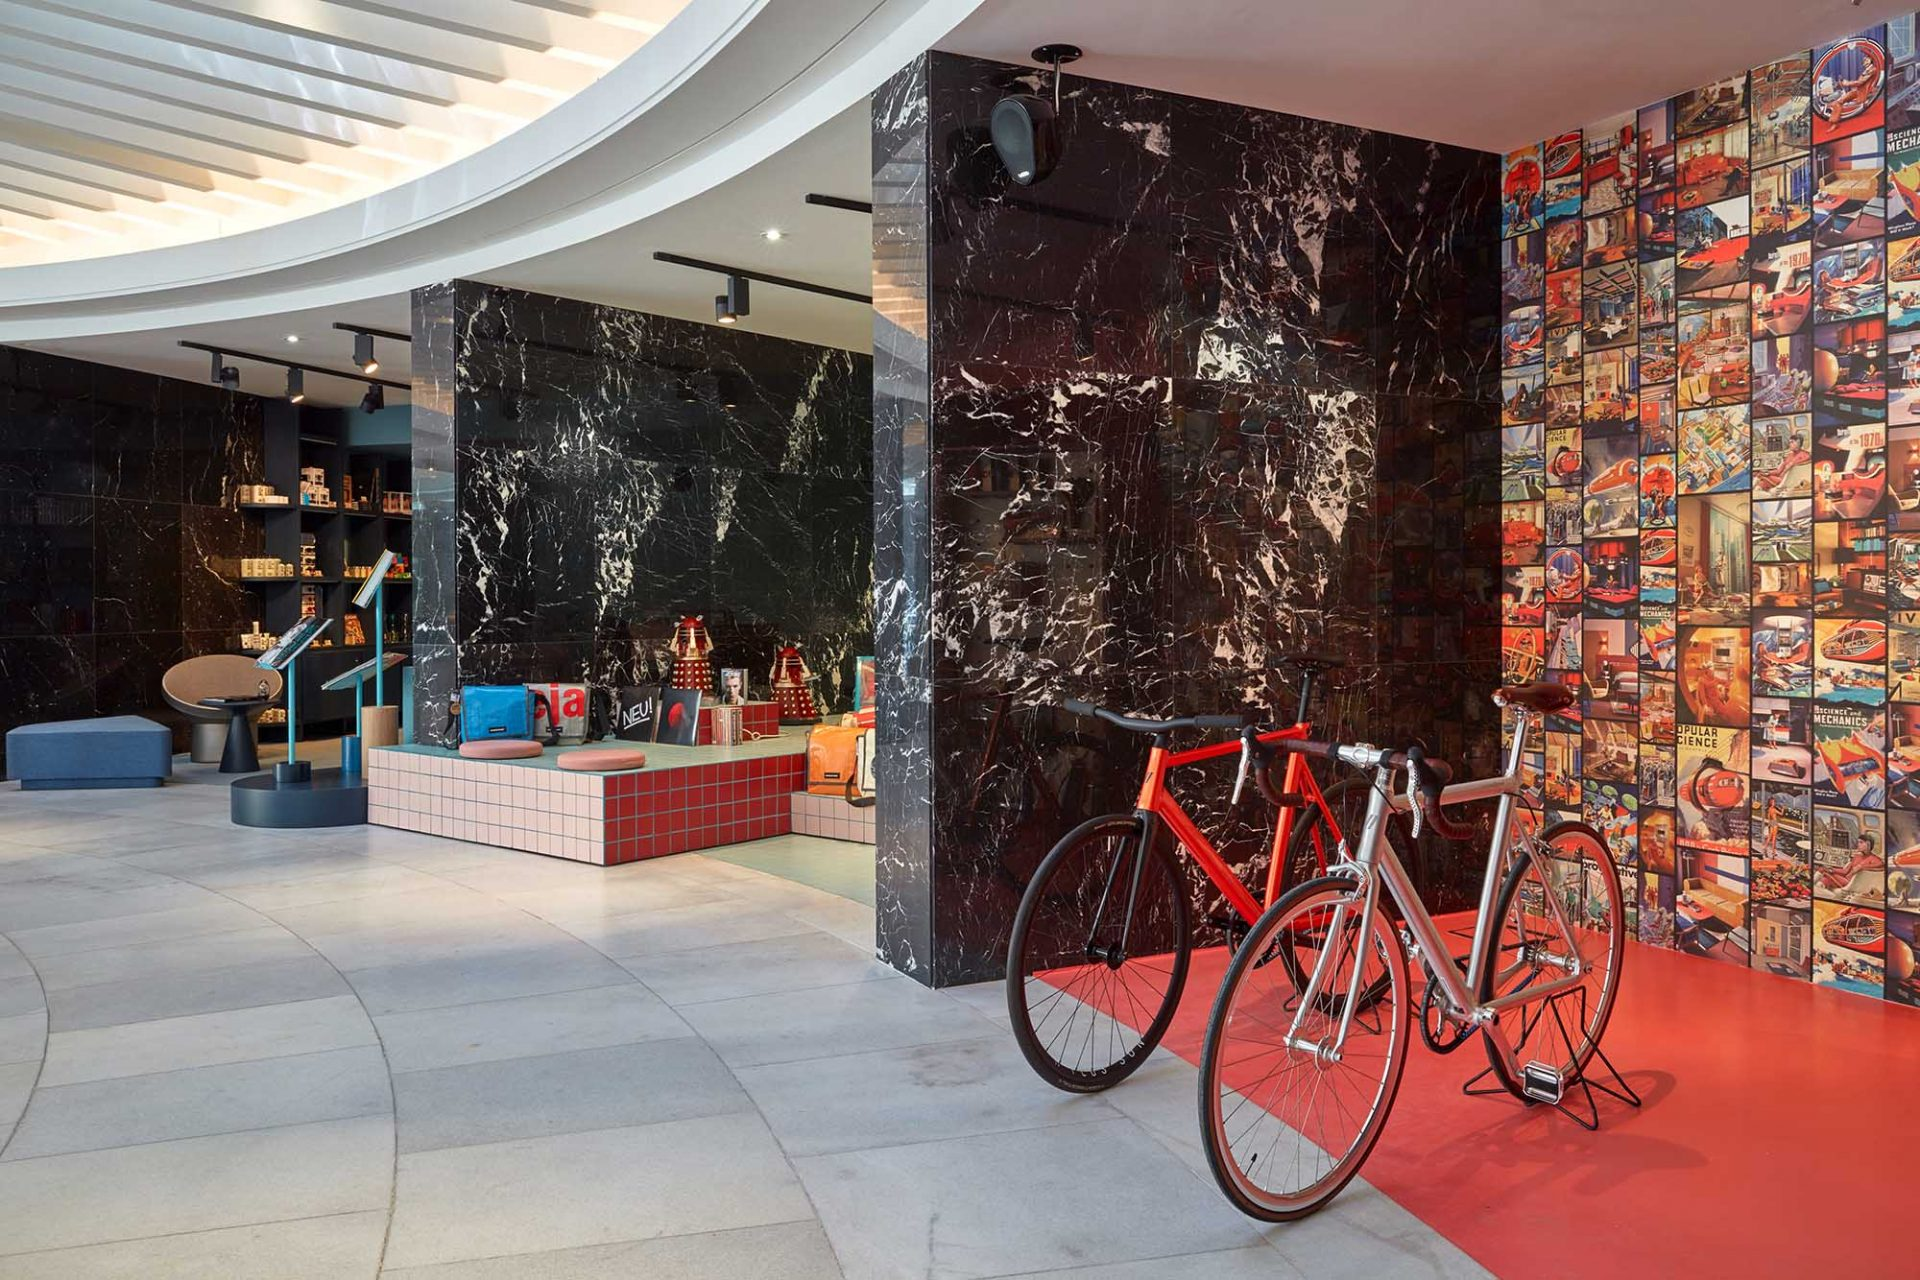 25hours Hotel The Circle. In den ehemaligen Schalternischen aus schwarzem Marmor finden sich viele Angebote für urbane Nomaden, wie die Hotel-Gruppe ihre Gäste nennt, und die Nachbarschaft, ein Buchladen mit ausgesuchtem Design-Nippes, ein Record Store mit Vinyl, ein Sound-Raum mit Polstern und ein Shop mit Rädern der Berliner Fahrradmanufaktur Schindelhauer.